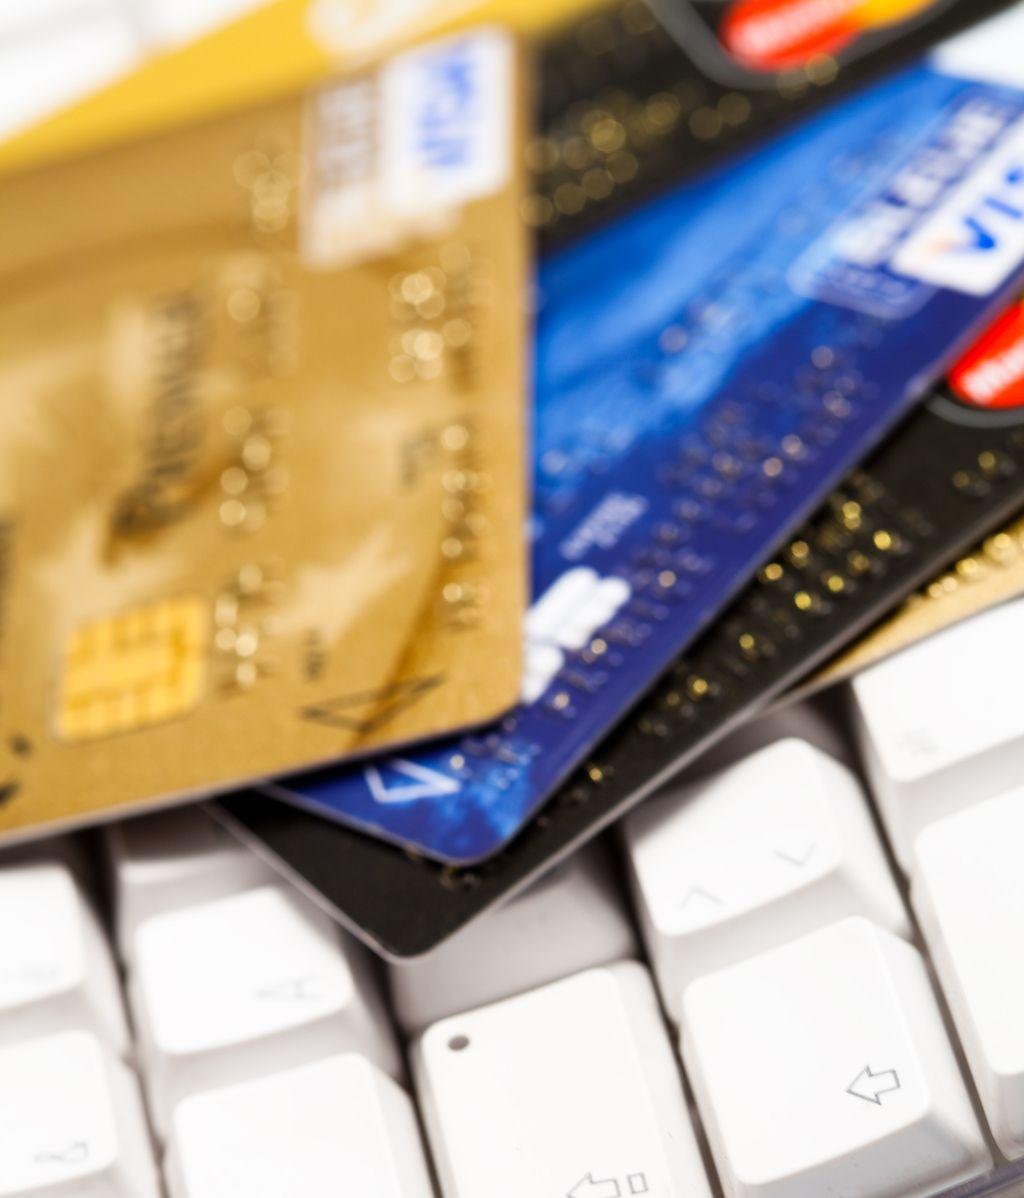 La mujer cogía los números de las tarjetas y los datos que después eran usados por sus cómplices para realizar compras y estafas online.